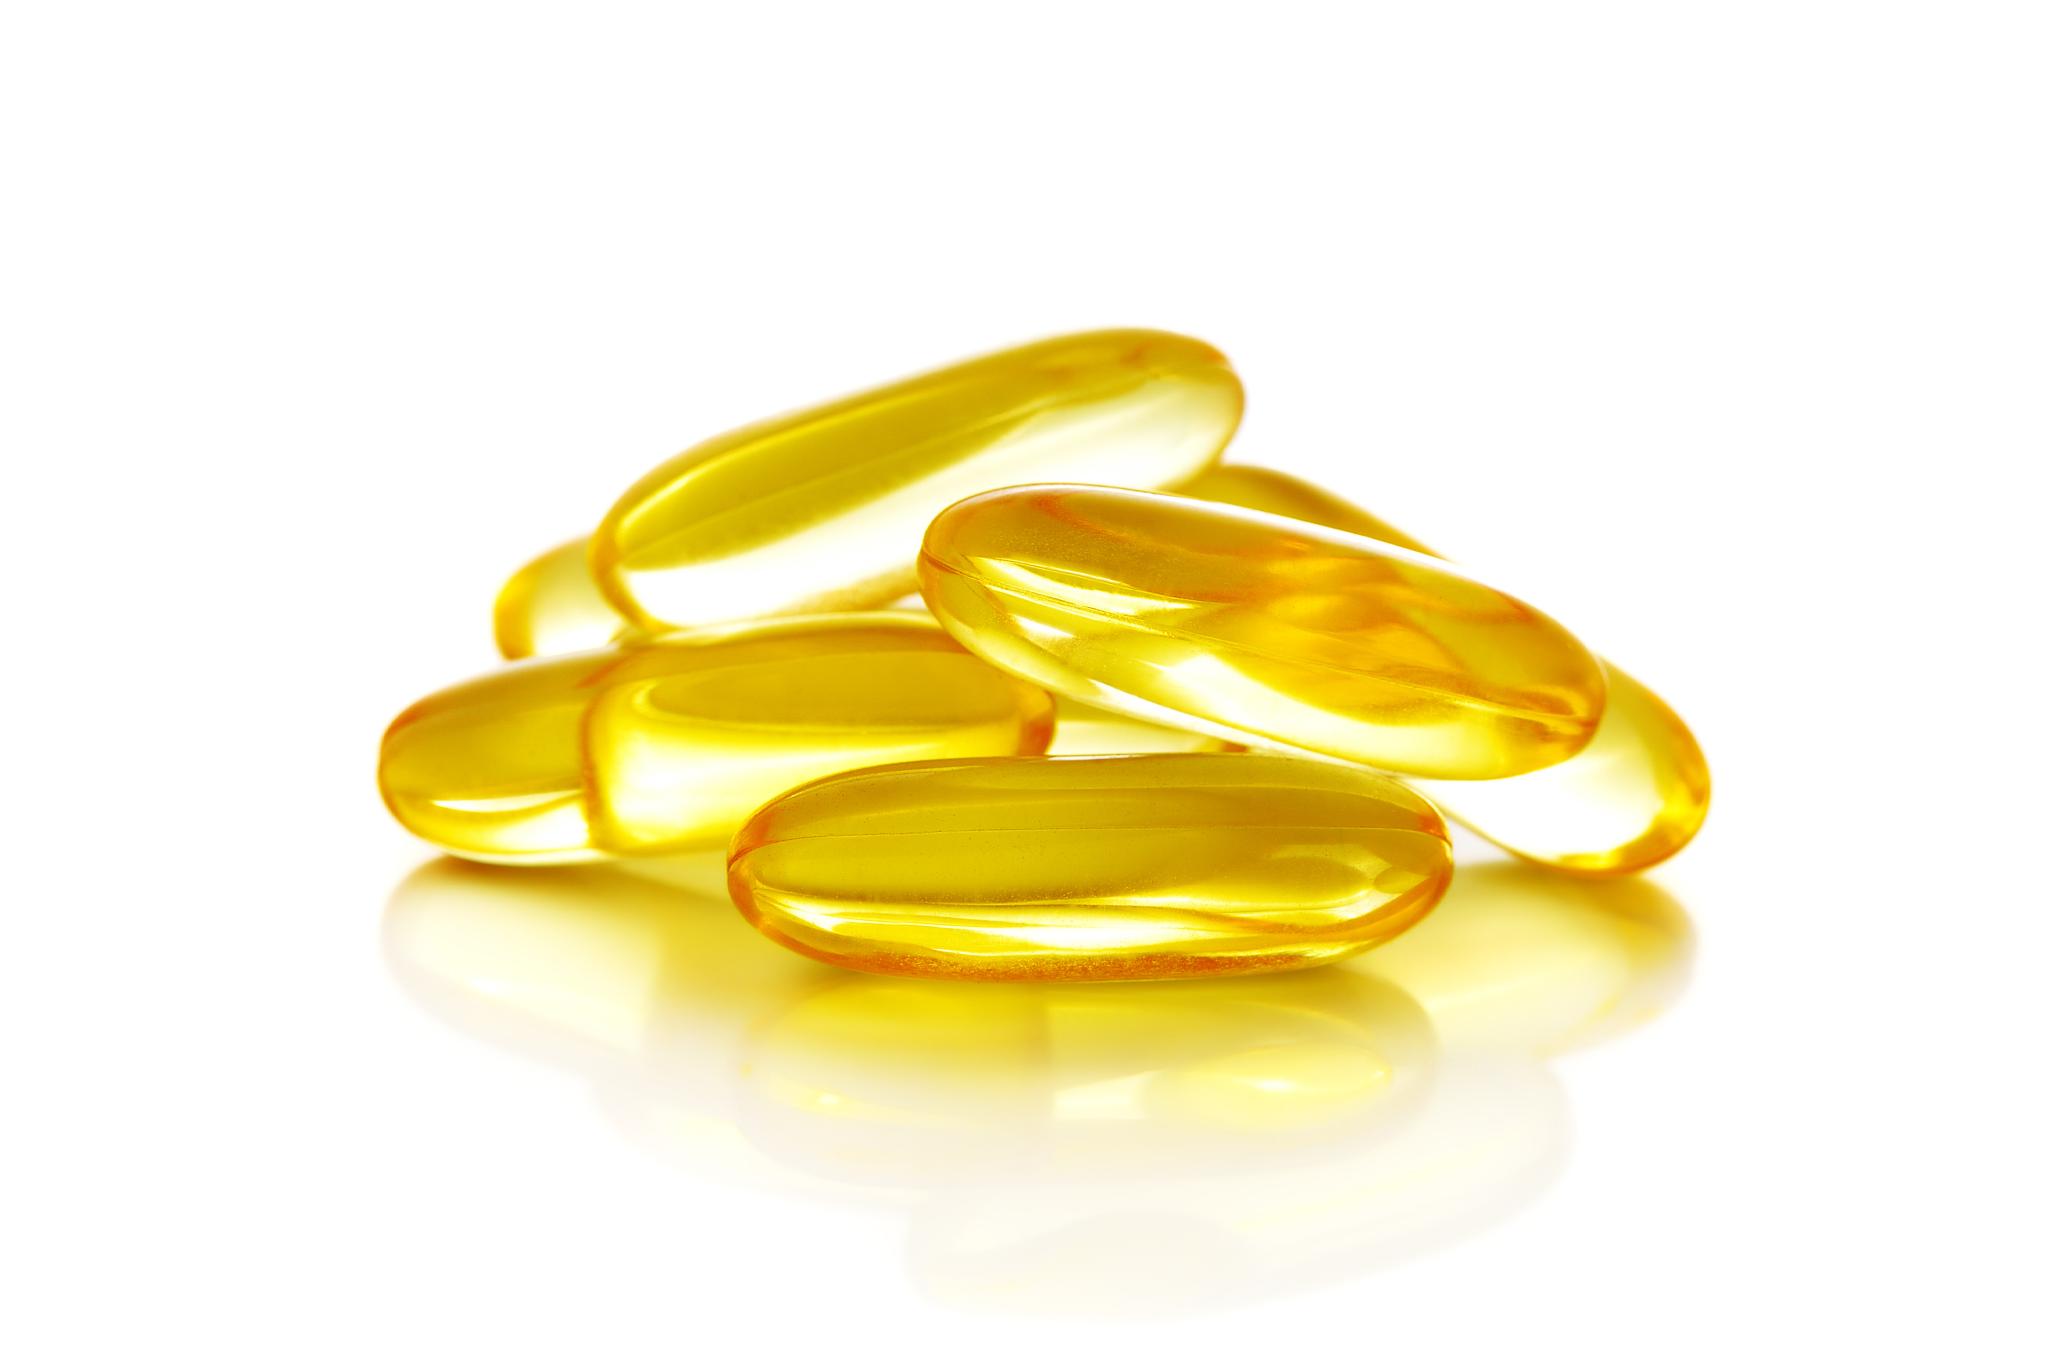 fish_oil_capsules_1.png